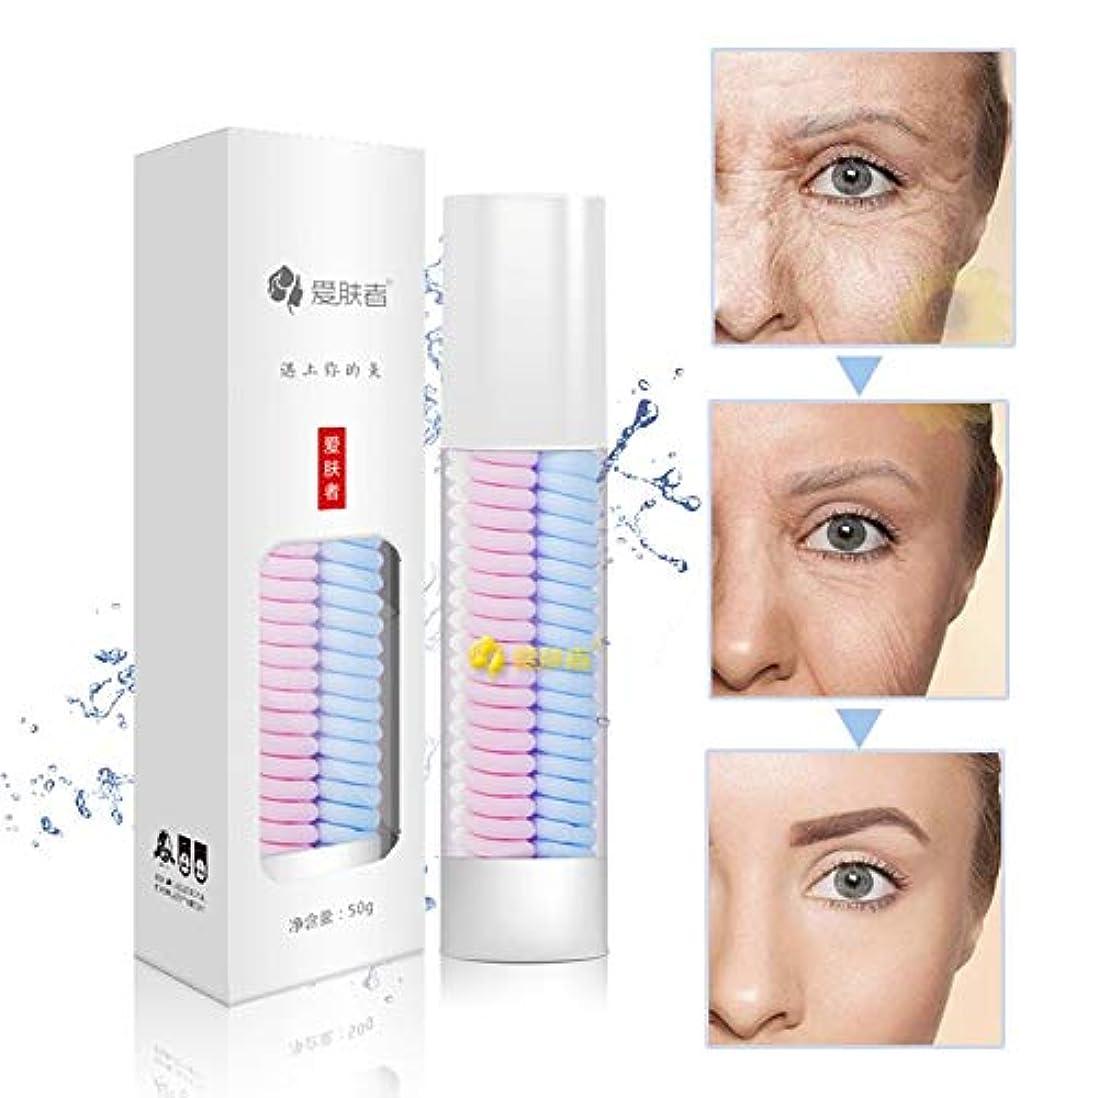 オーロック速いマンハッタン保湿顔寧クリームの電子抗しわ年齢ケアのRIR cremasはhidratante顔面edad抗faciales